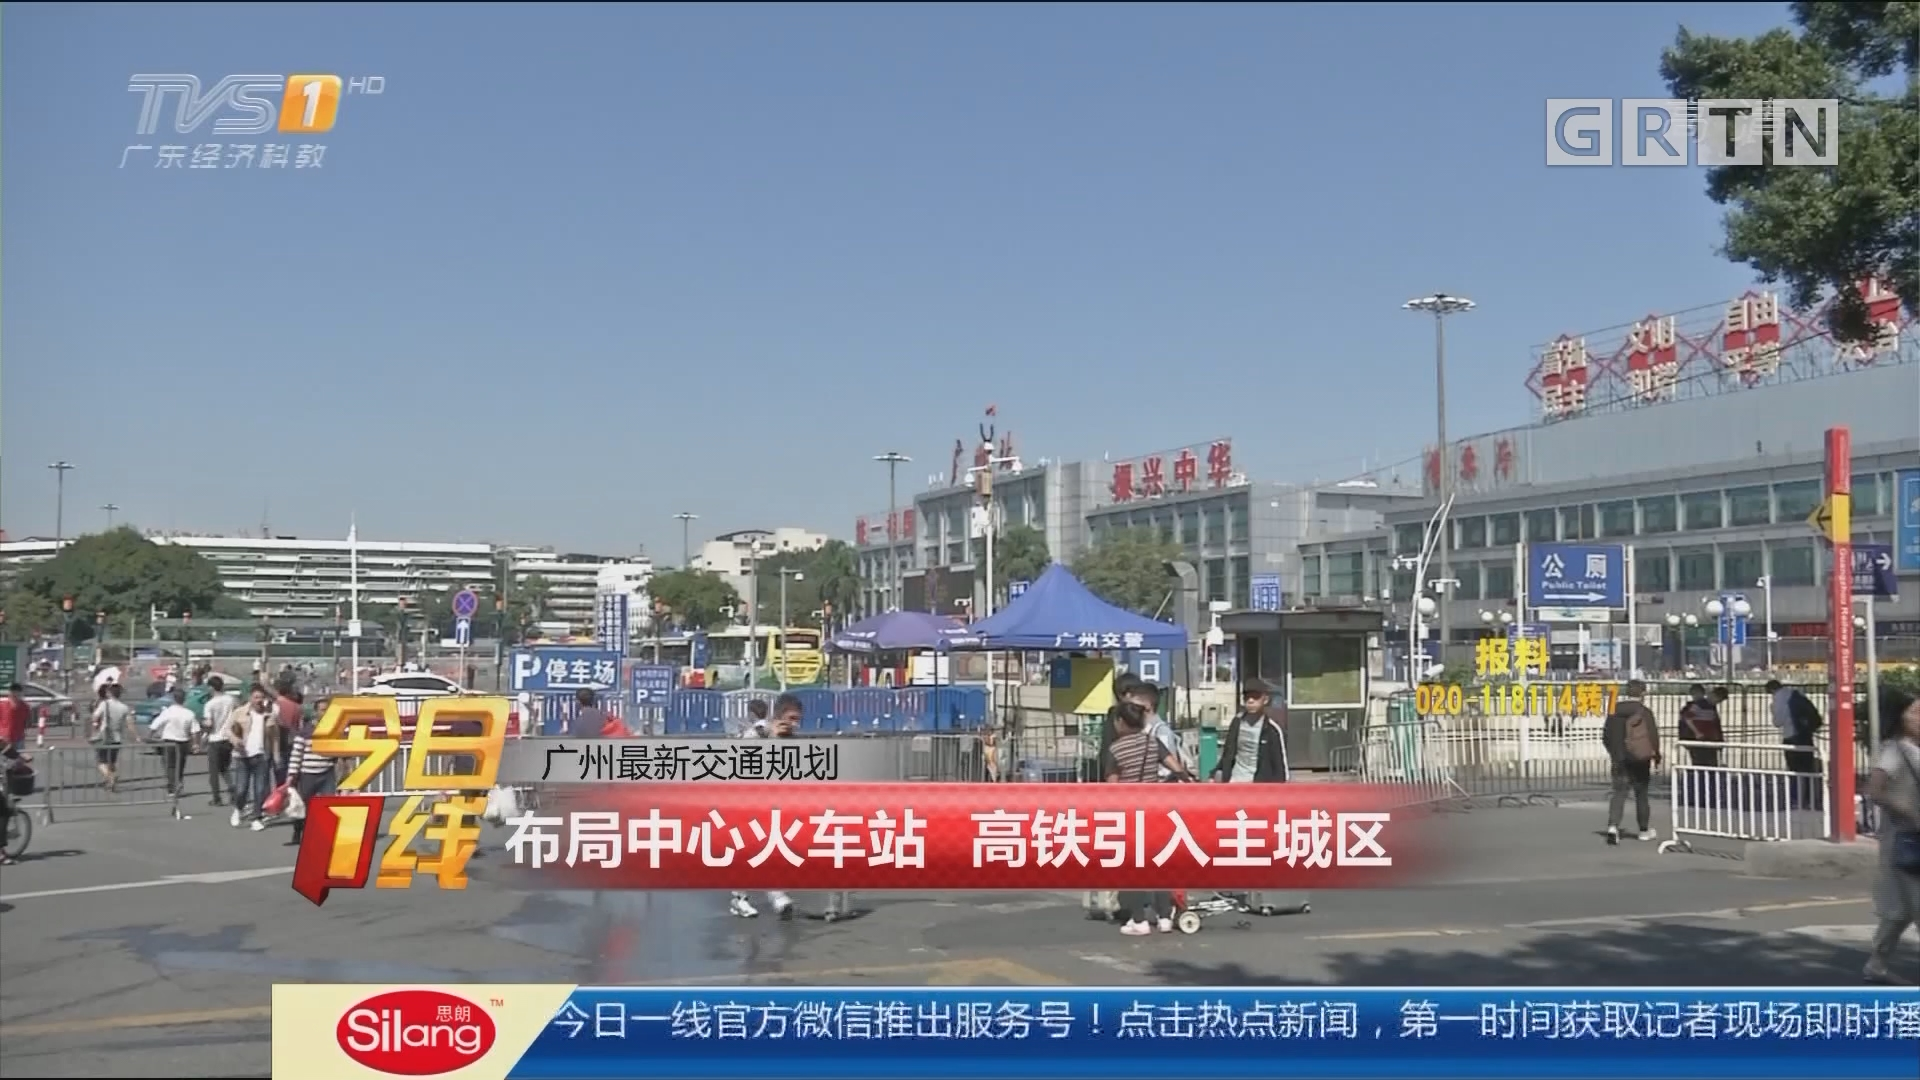 广州最新交通规划:布局中心火车站 高铁引入主城区